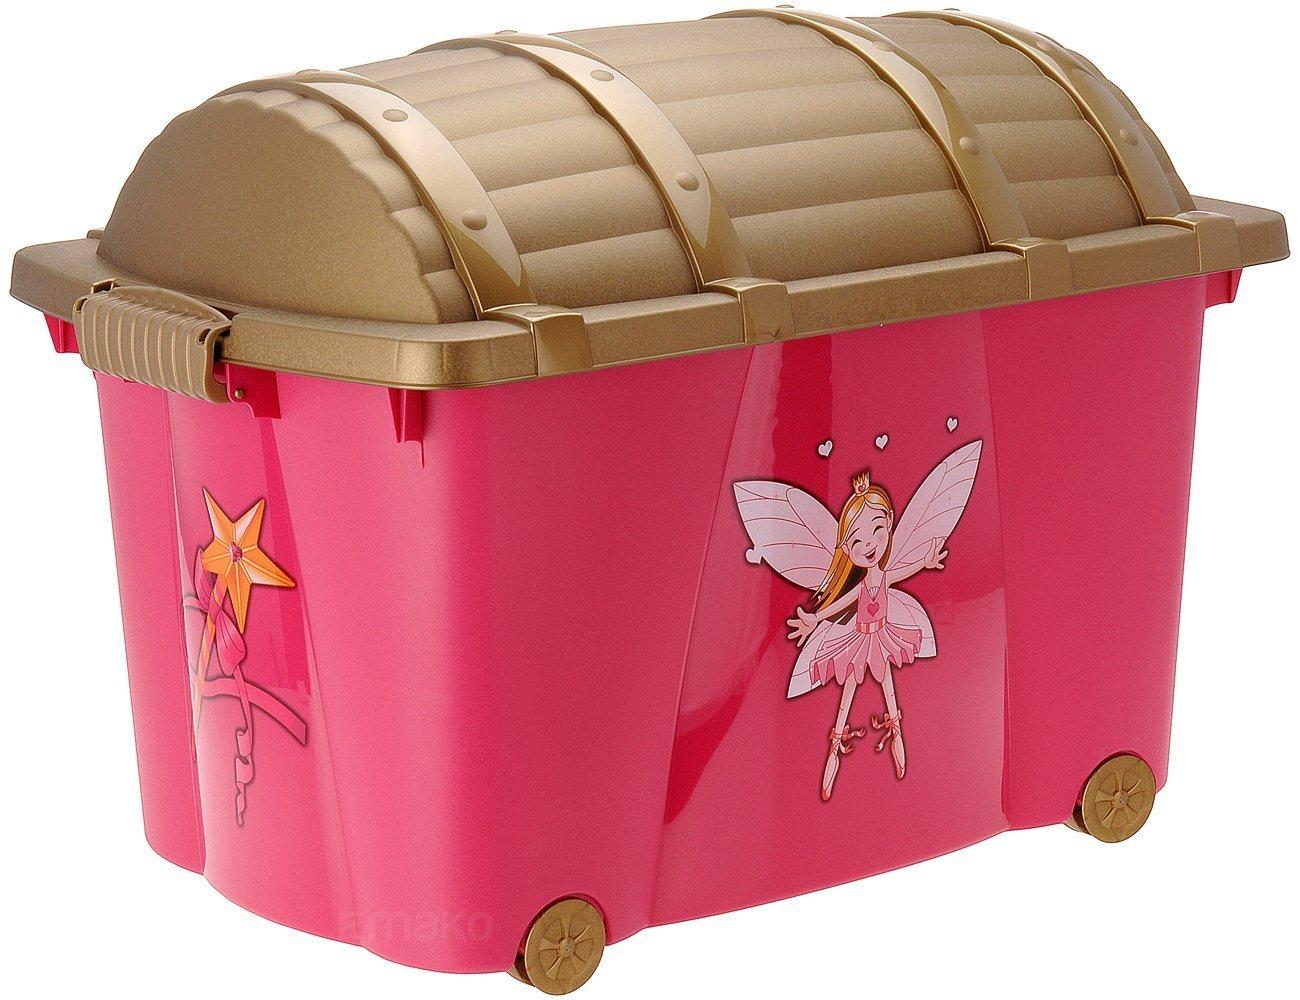 Baúl de almacenaje, caja de juguetes de pirata, caja con ruedas: Amazon.es: Hogar